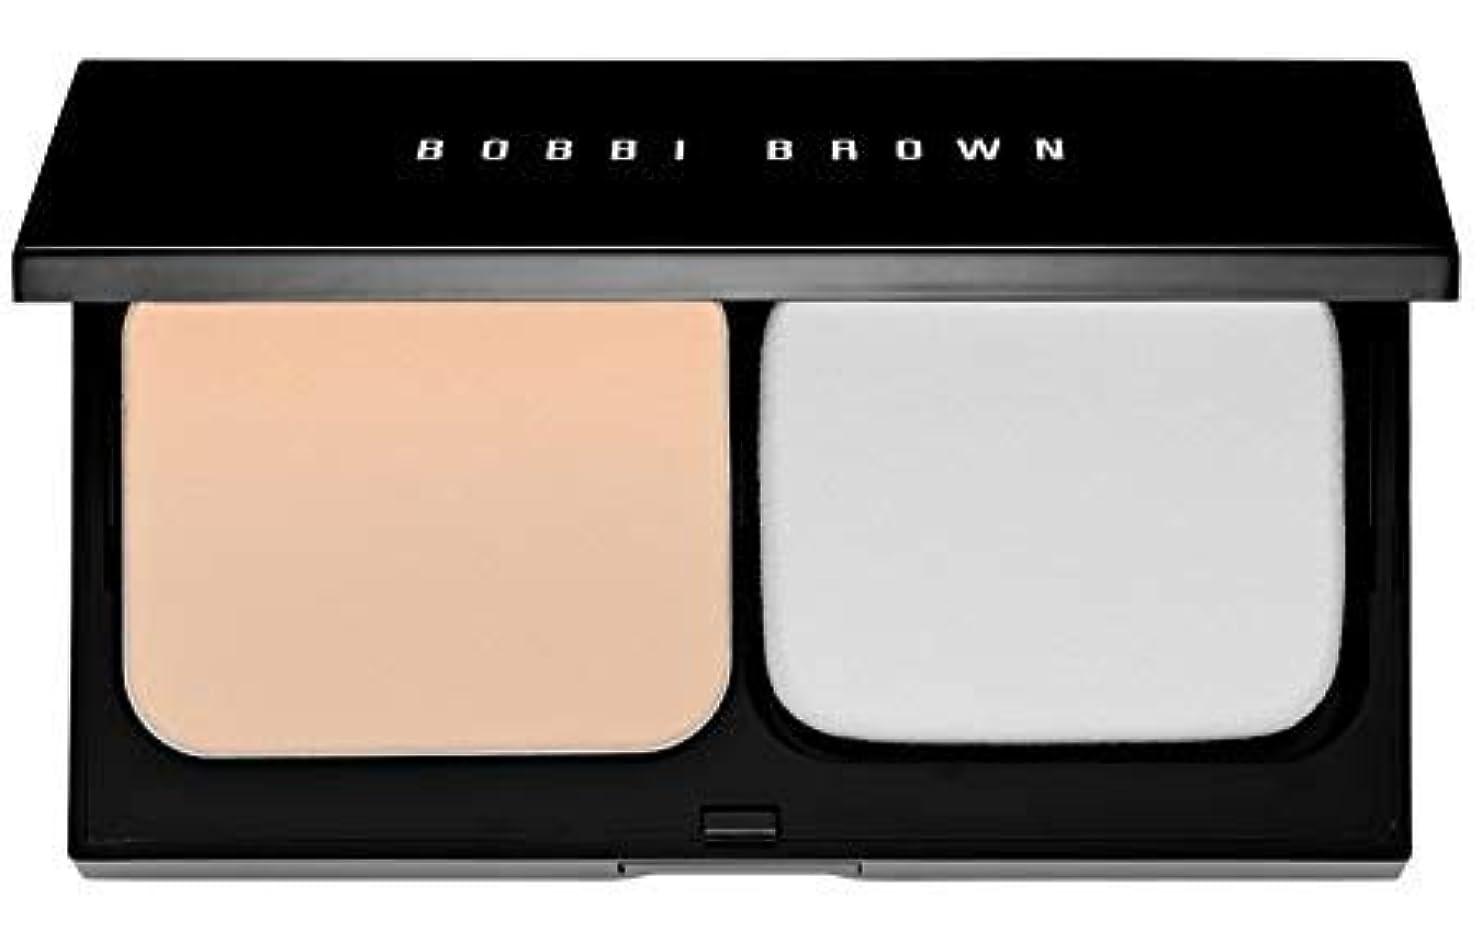 威する心理的奇妙なボビイブラウン Skin Weightless Powder Foundation - # 1.25 Cool Ivory 11g/0.38oz並行輸入品